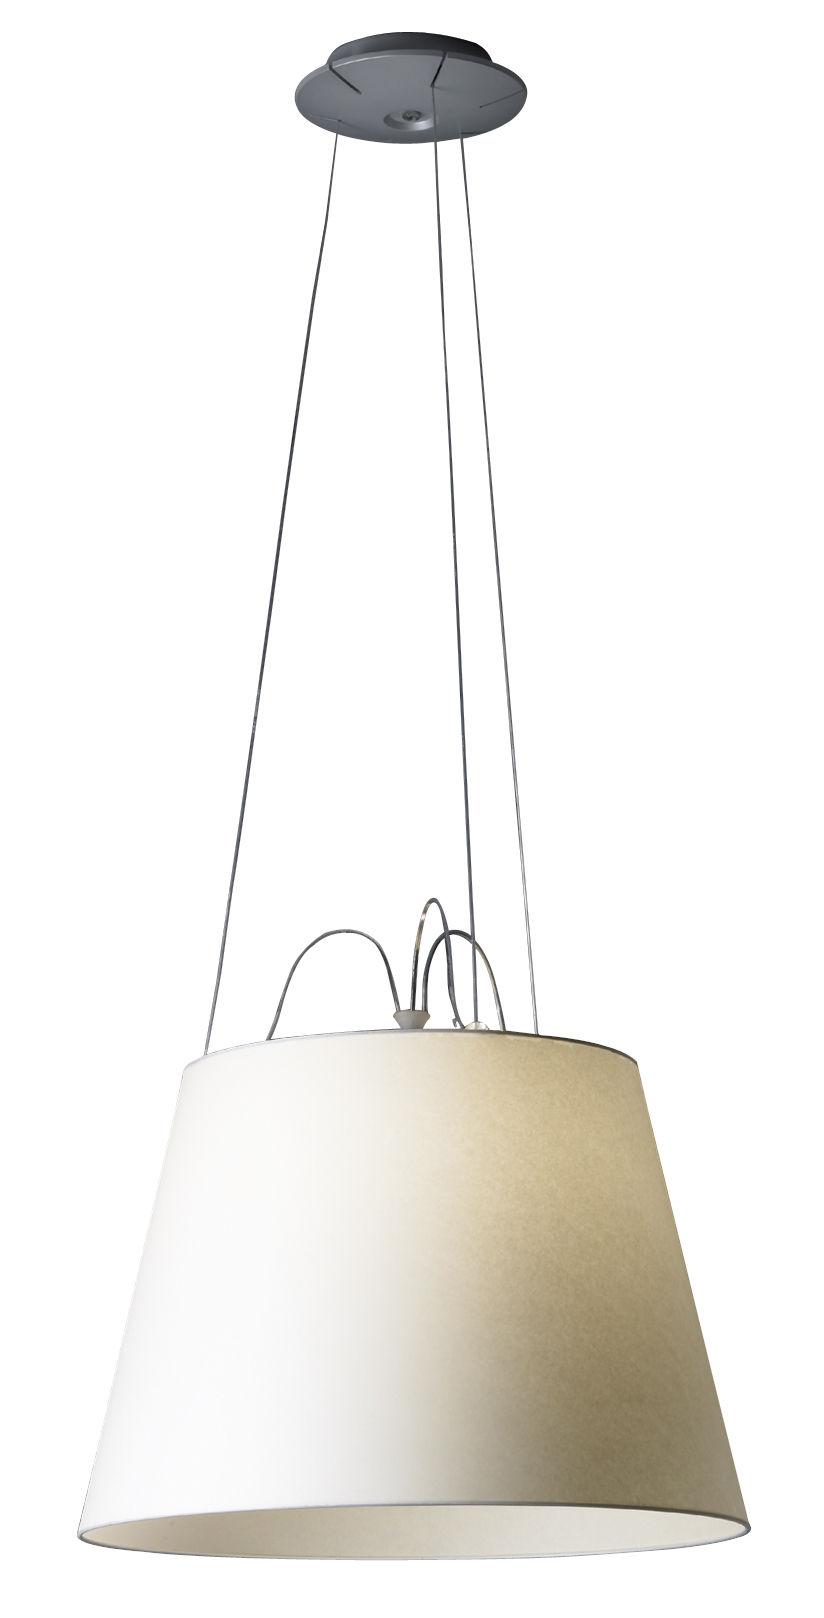 suspension tolomeo mega 42 cm ecru artemide made in design. Black Bedroom Furniture Sets. Home Design Ideas